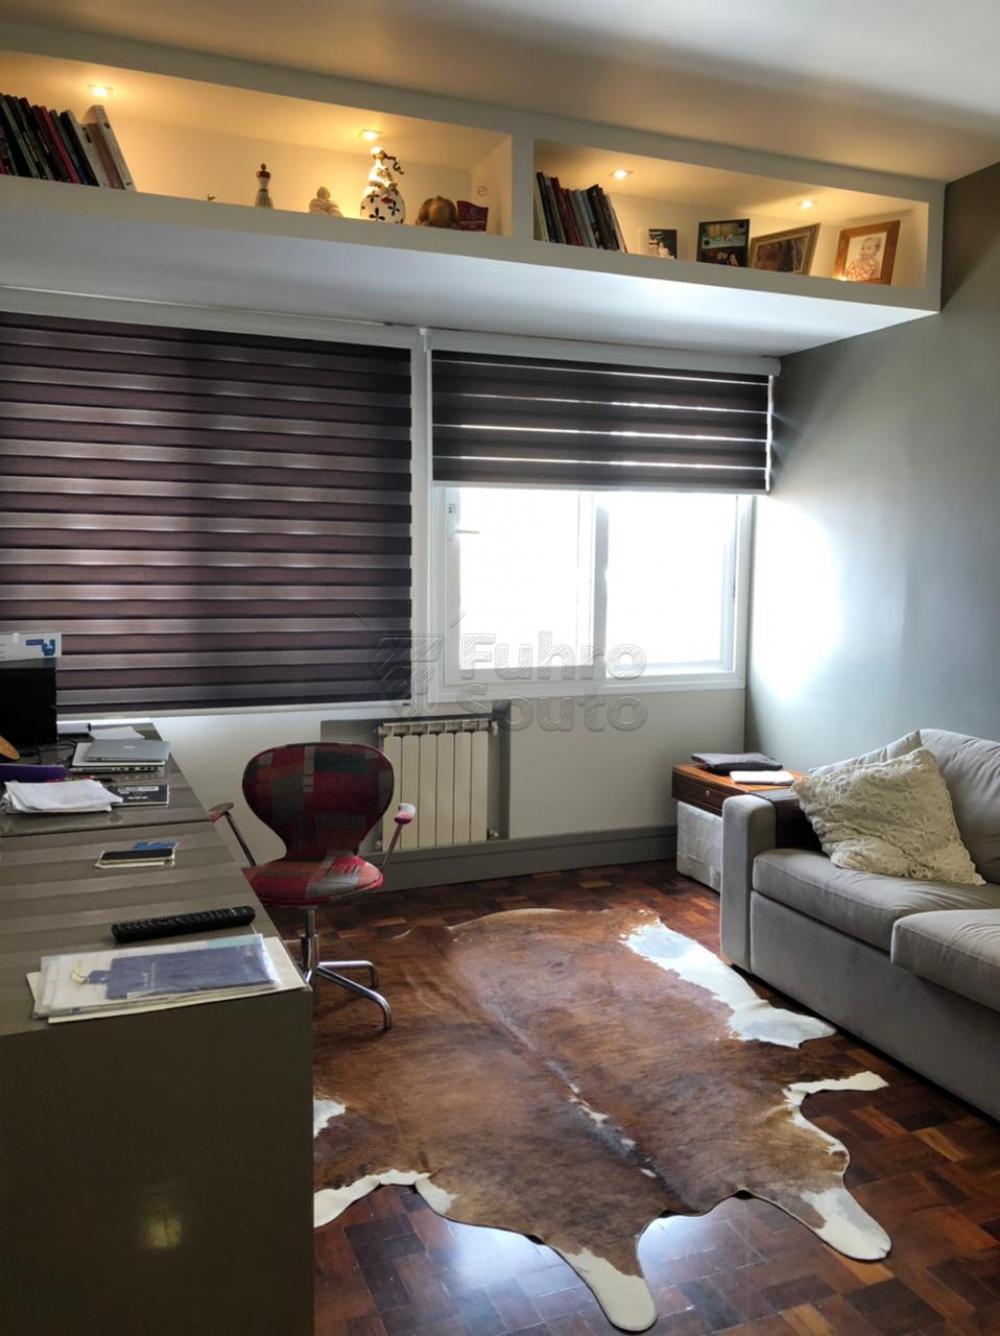 Comprar Apartamento / Padrão em Pelotas R$ 650.000,00 - Foto 22